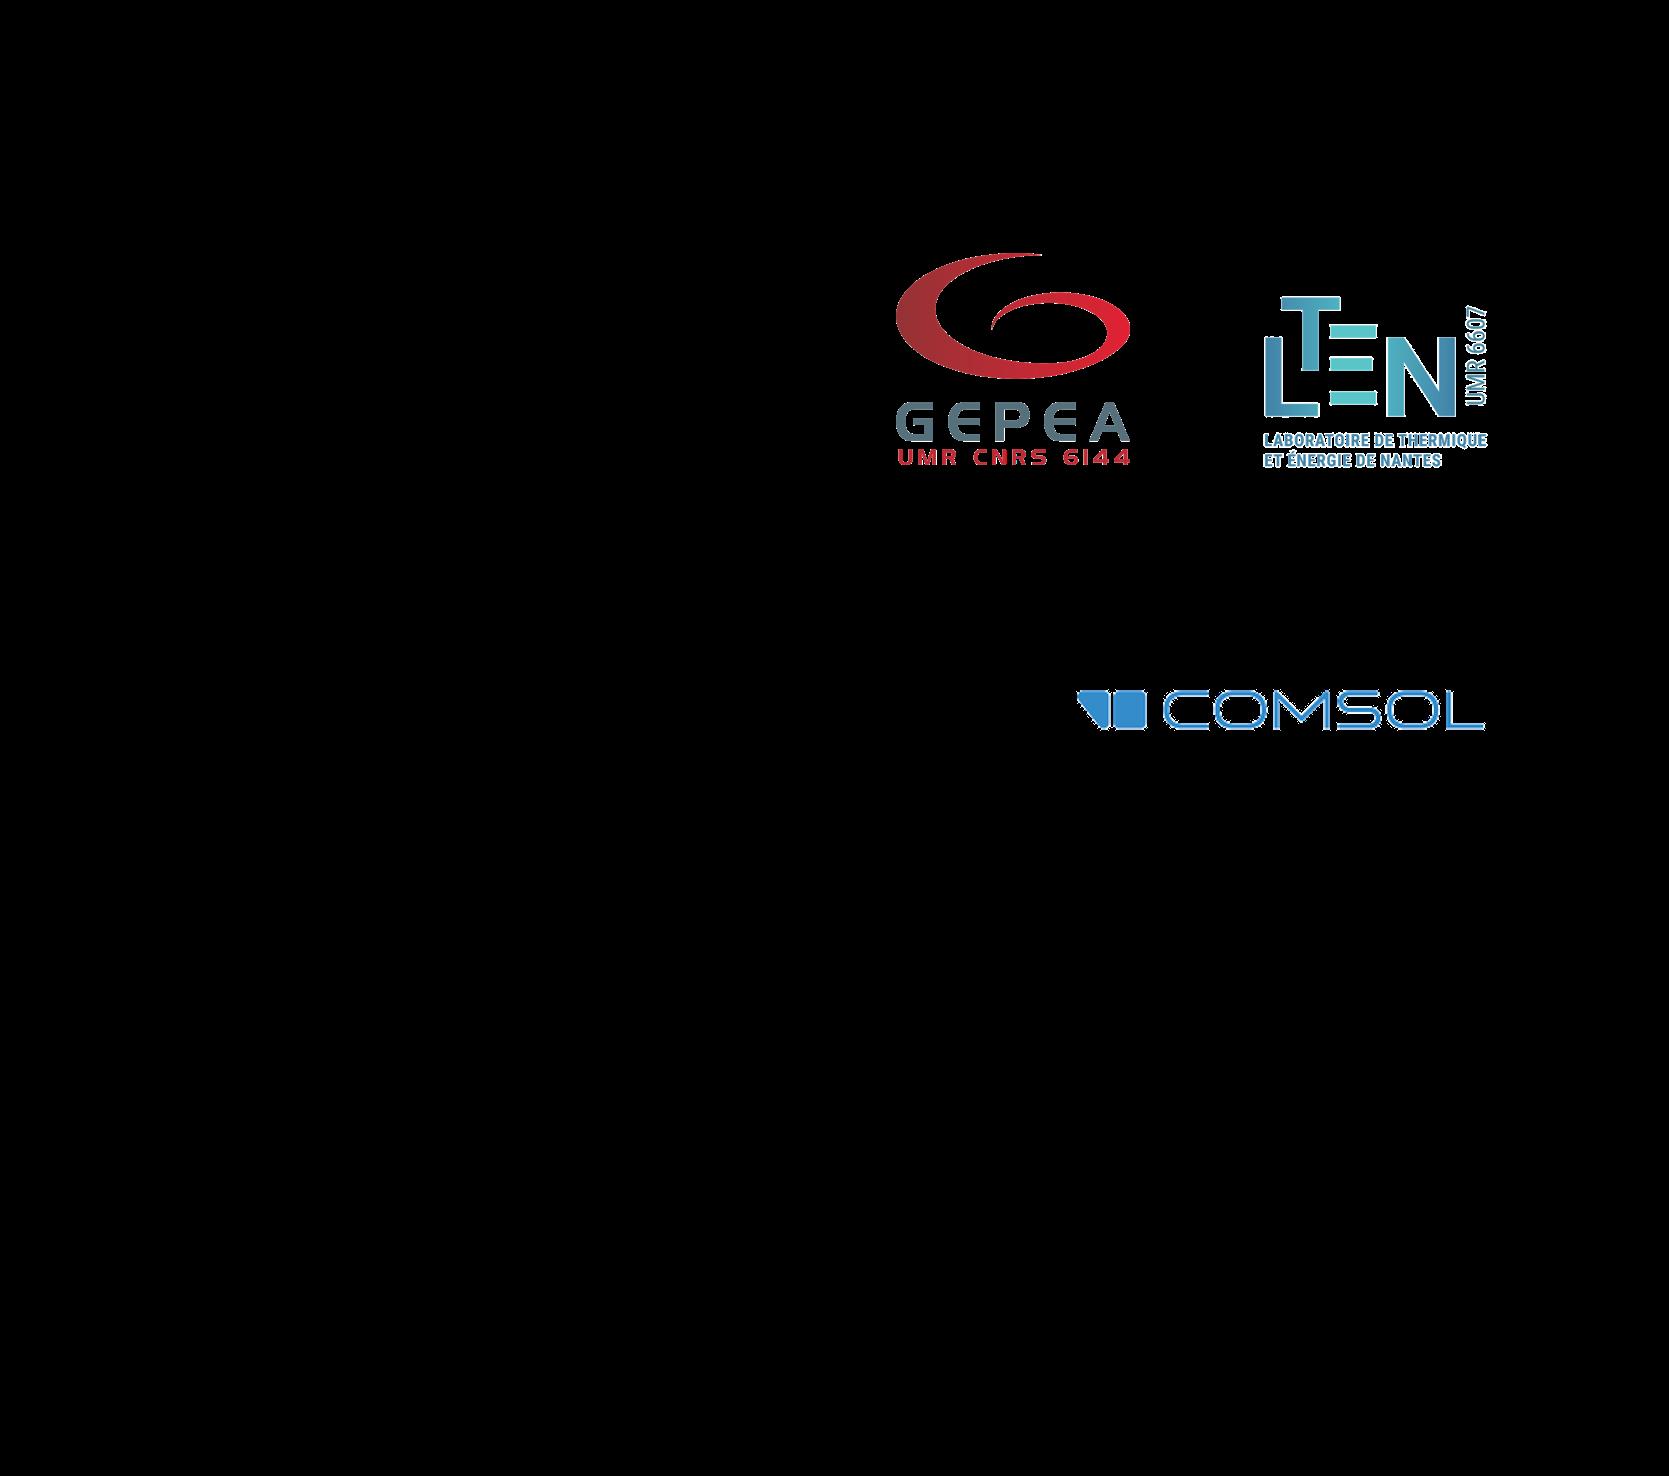 Logos_labos-partenaires_THERMIQUE